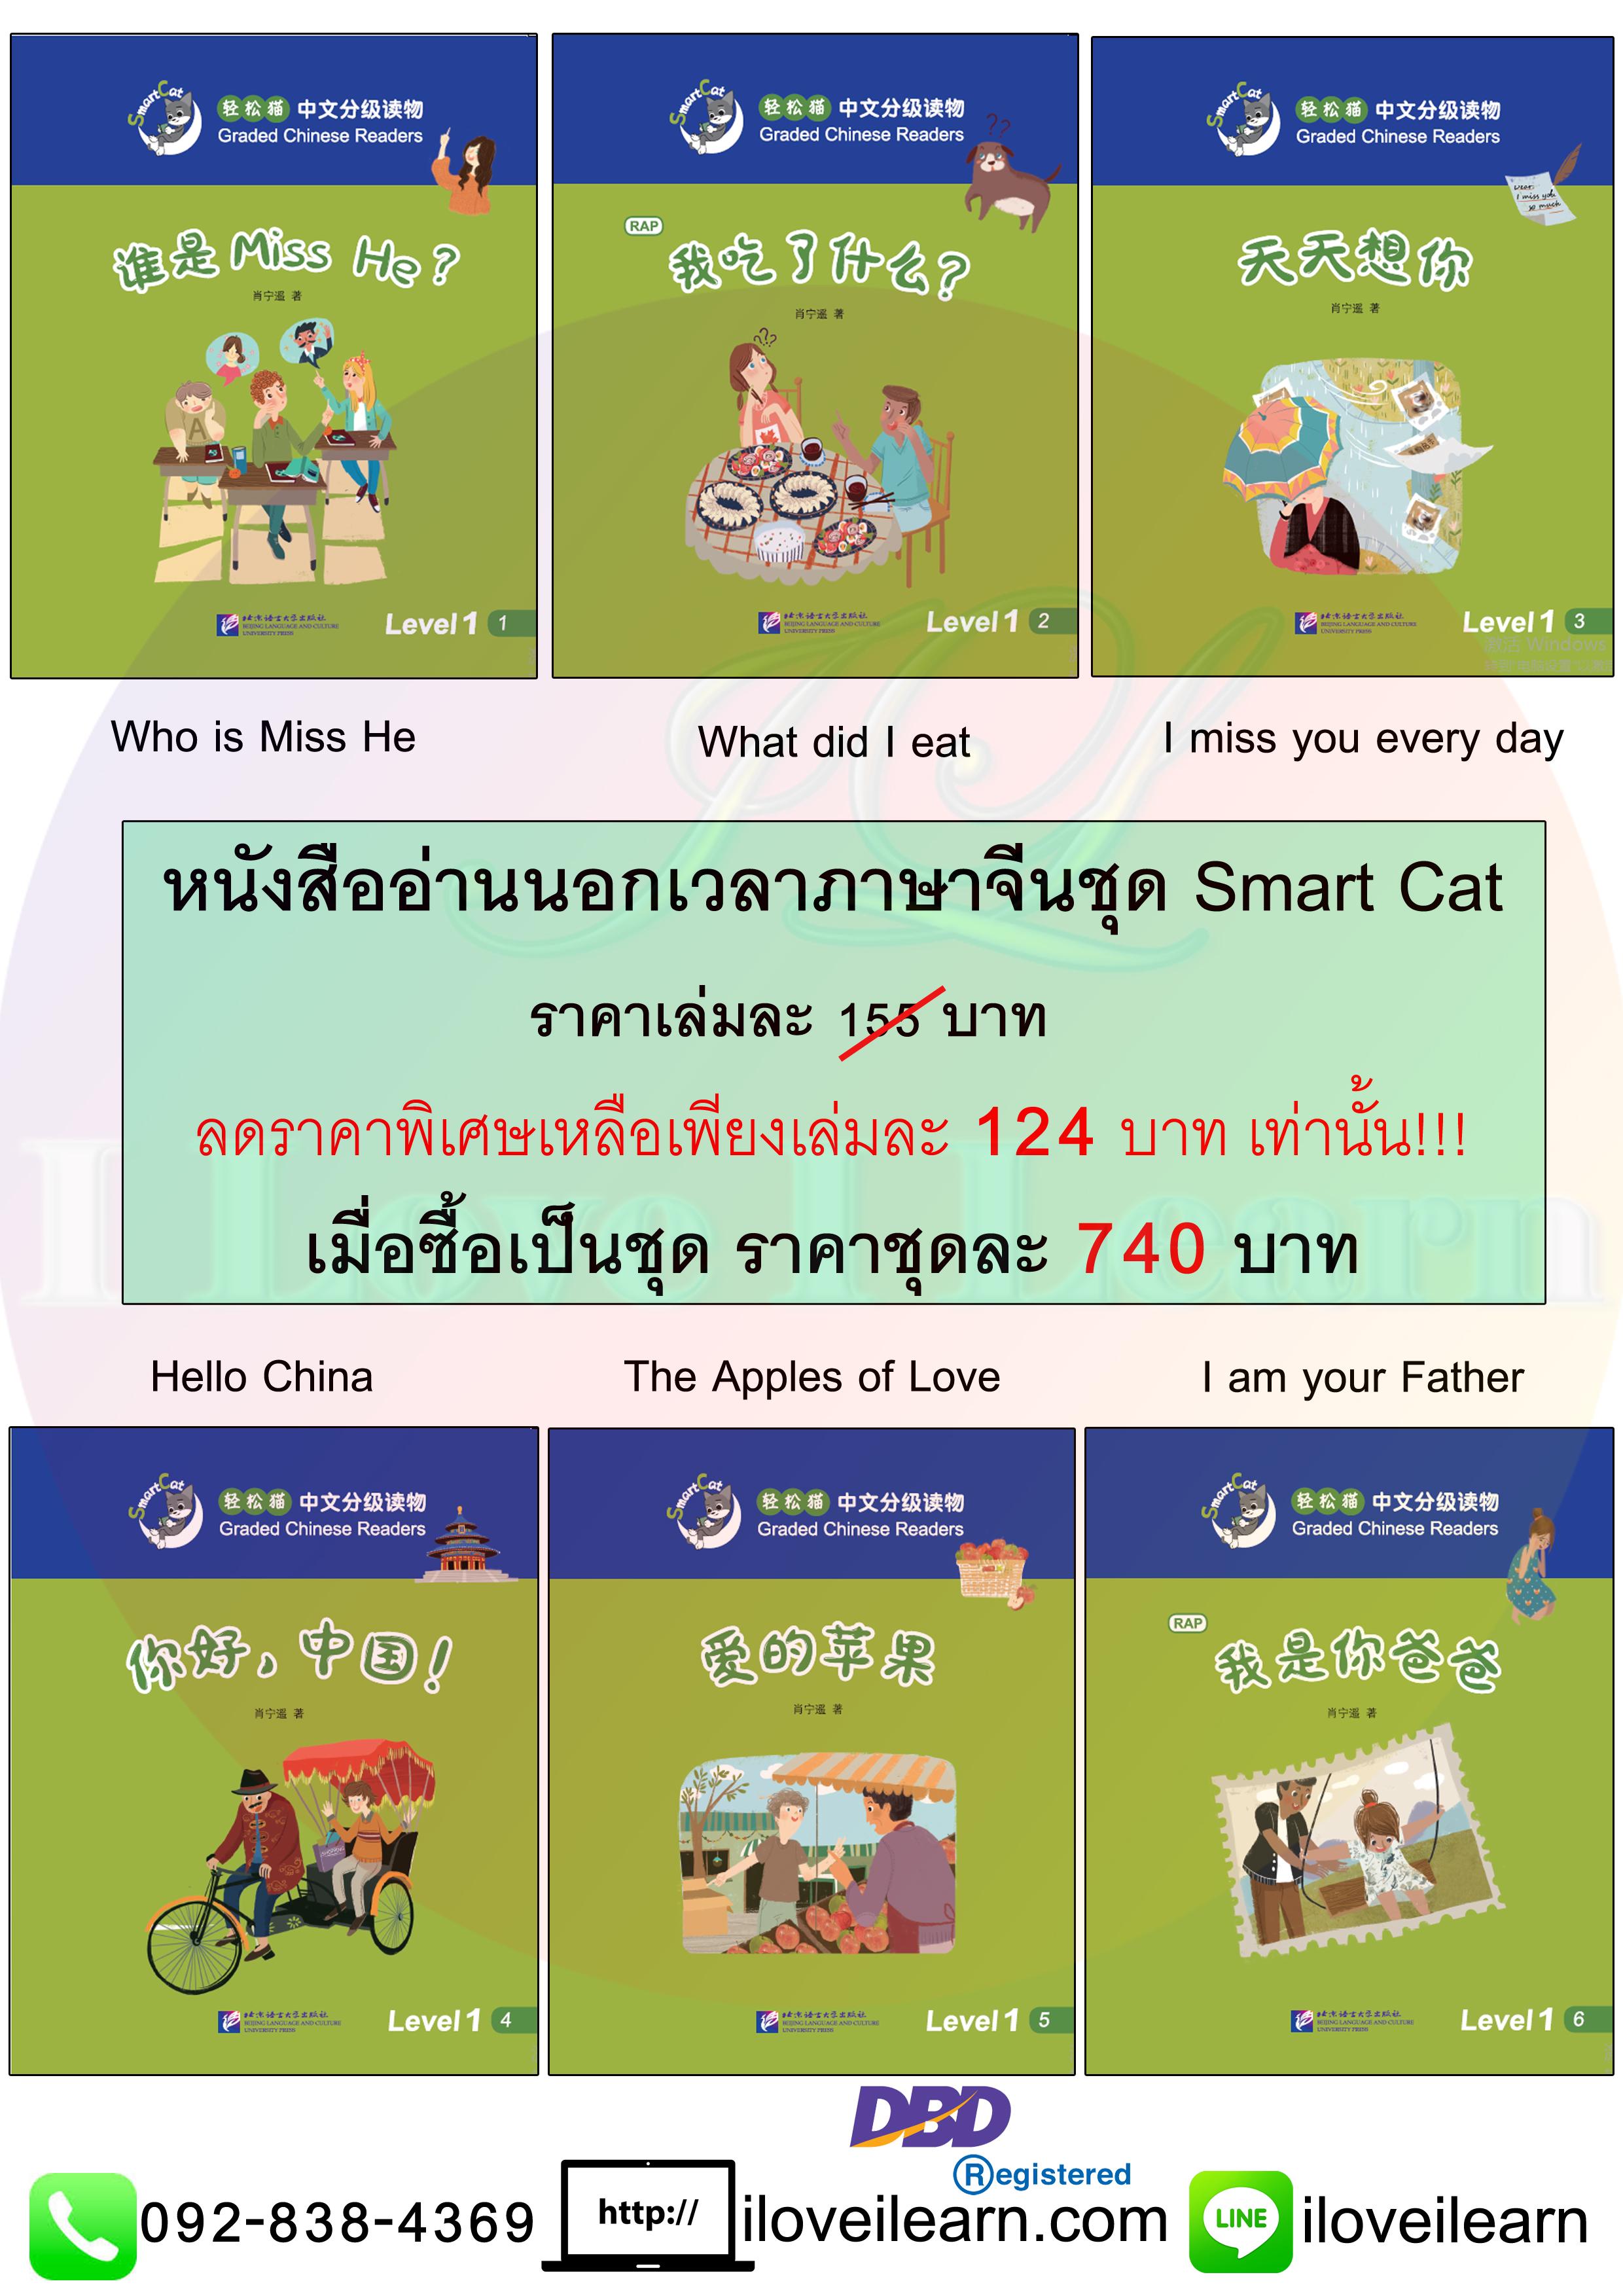 ชุดหนังสิออ่านนอกเวลาภาษาจีนเรื่อง Smart Cat ระดับ 1